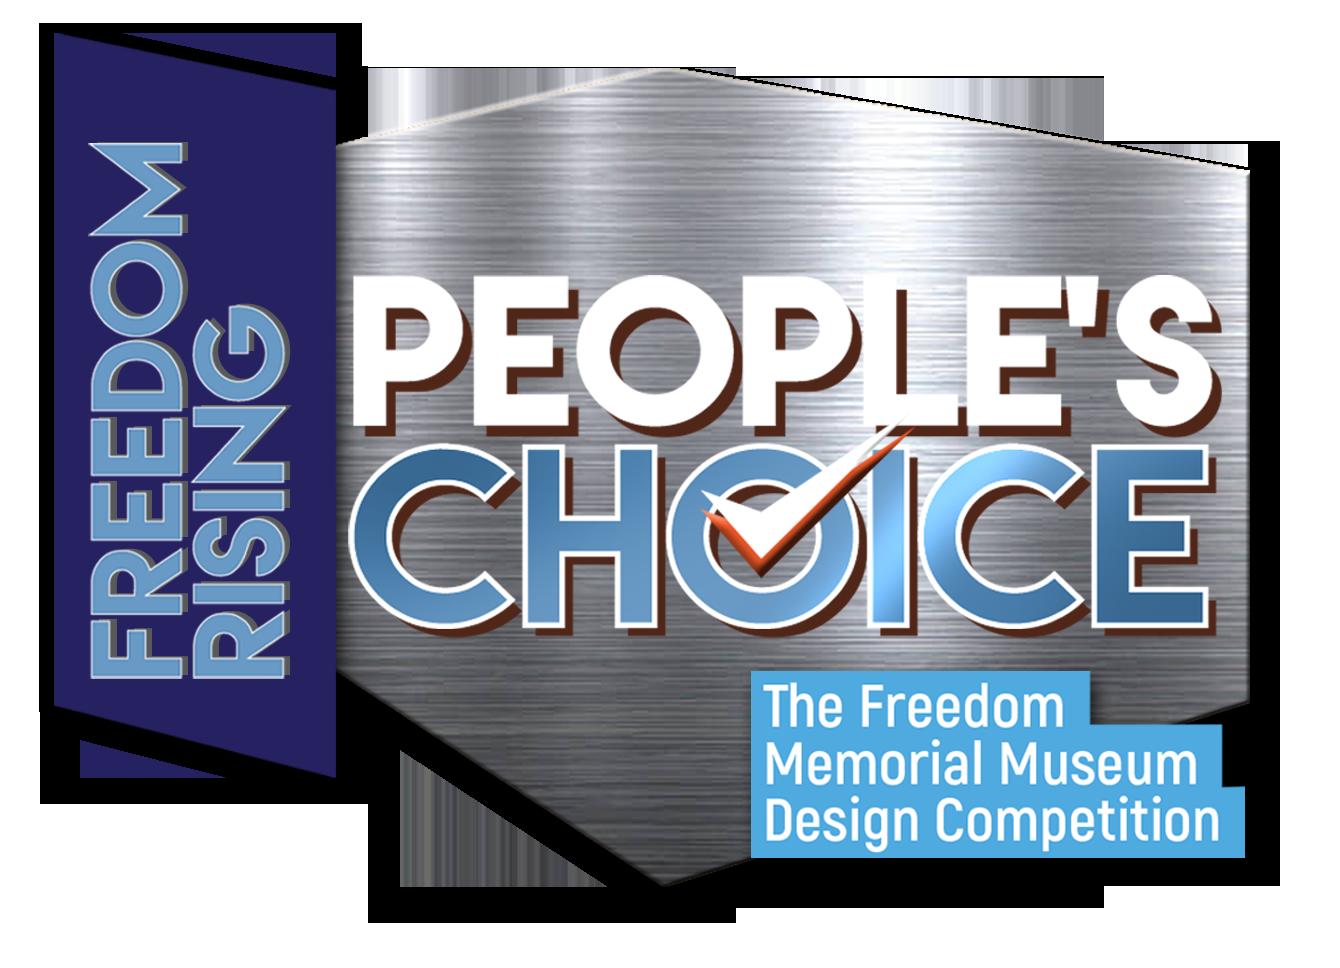 PPLs-Choice1-02-rev2